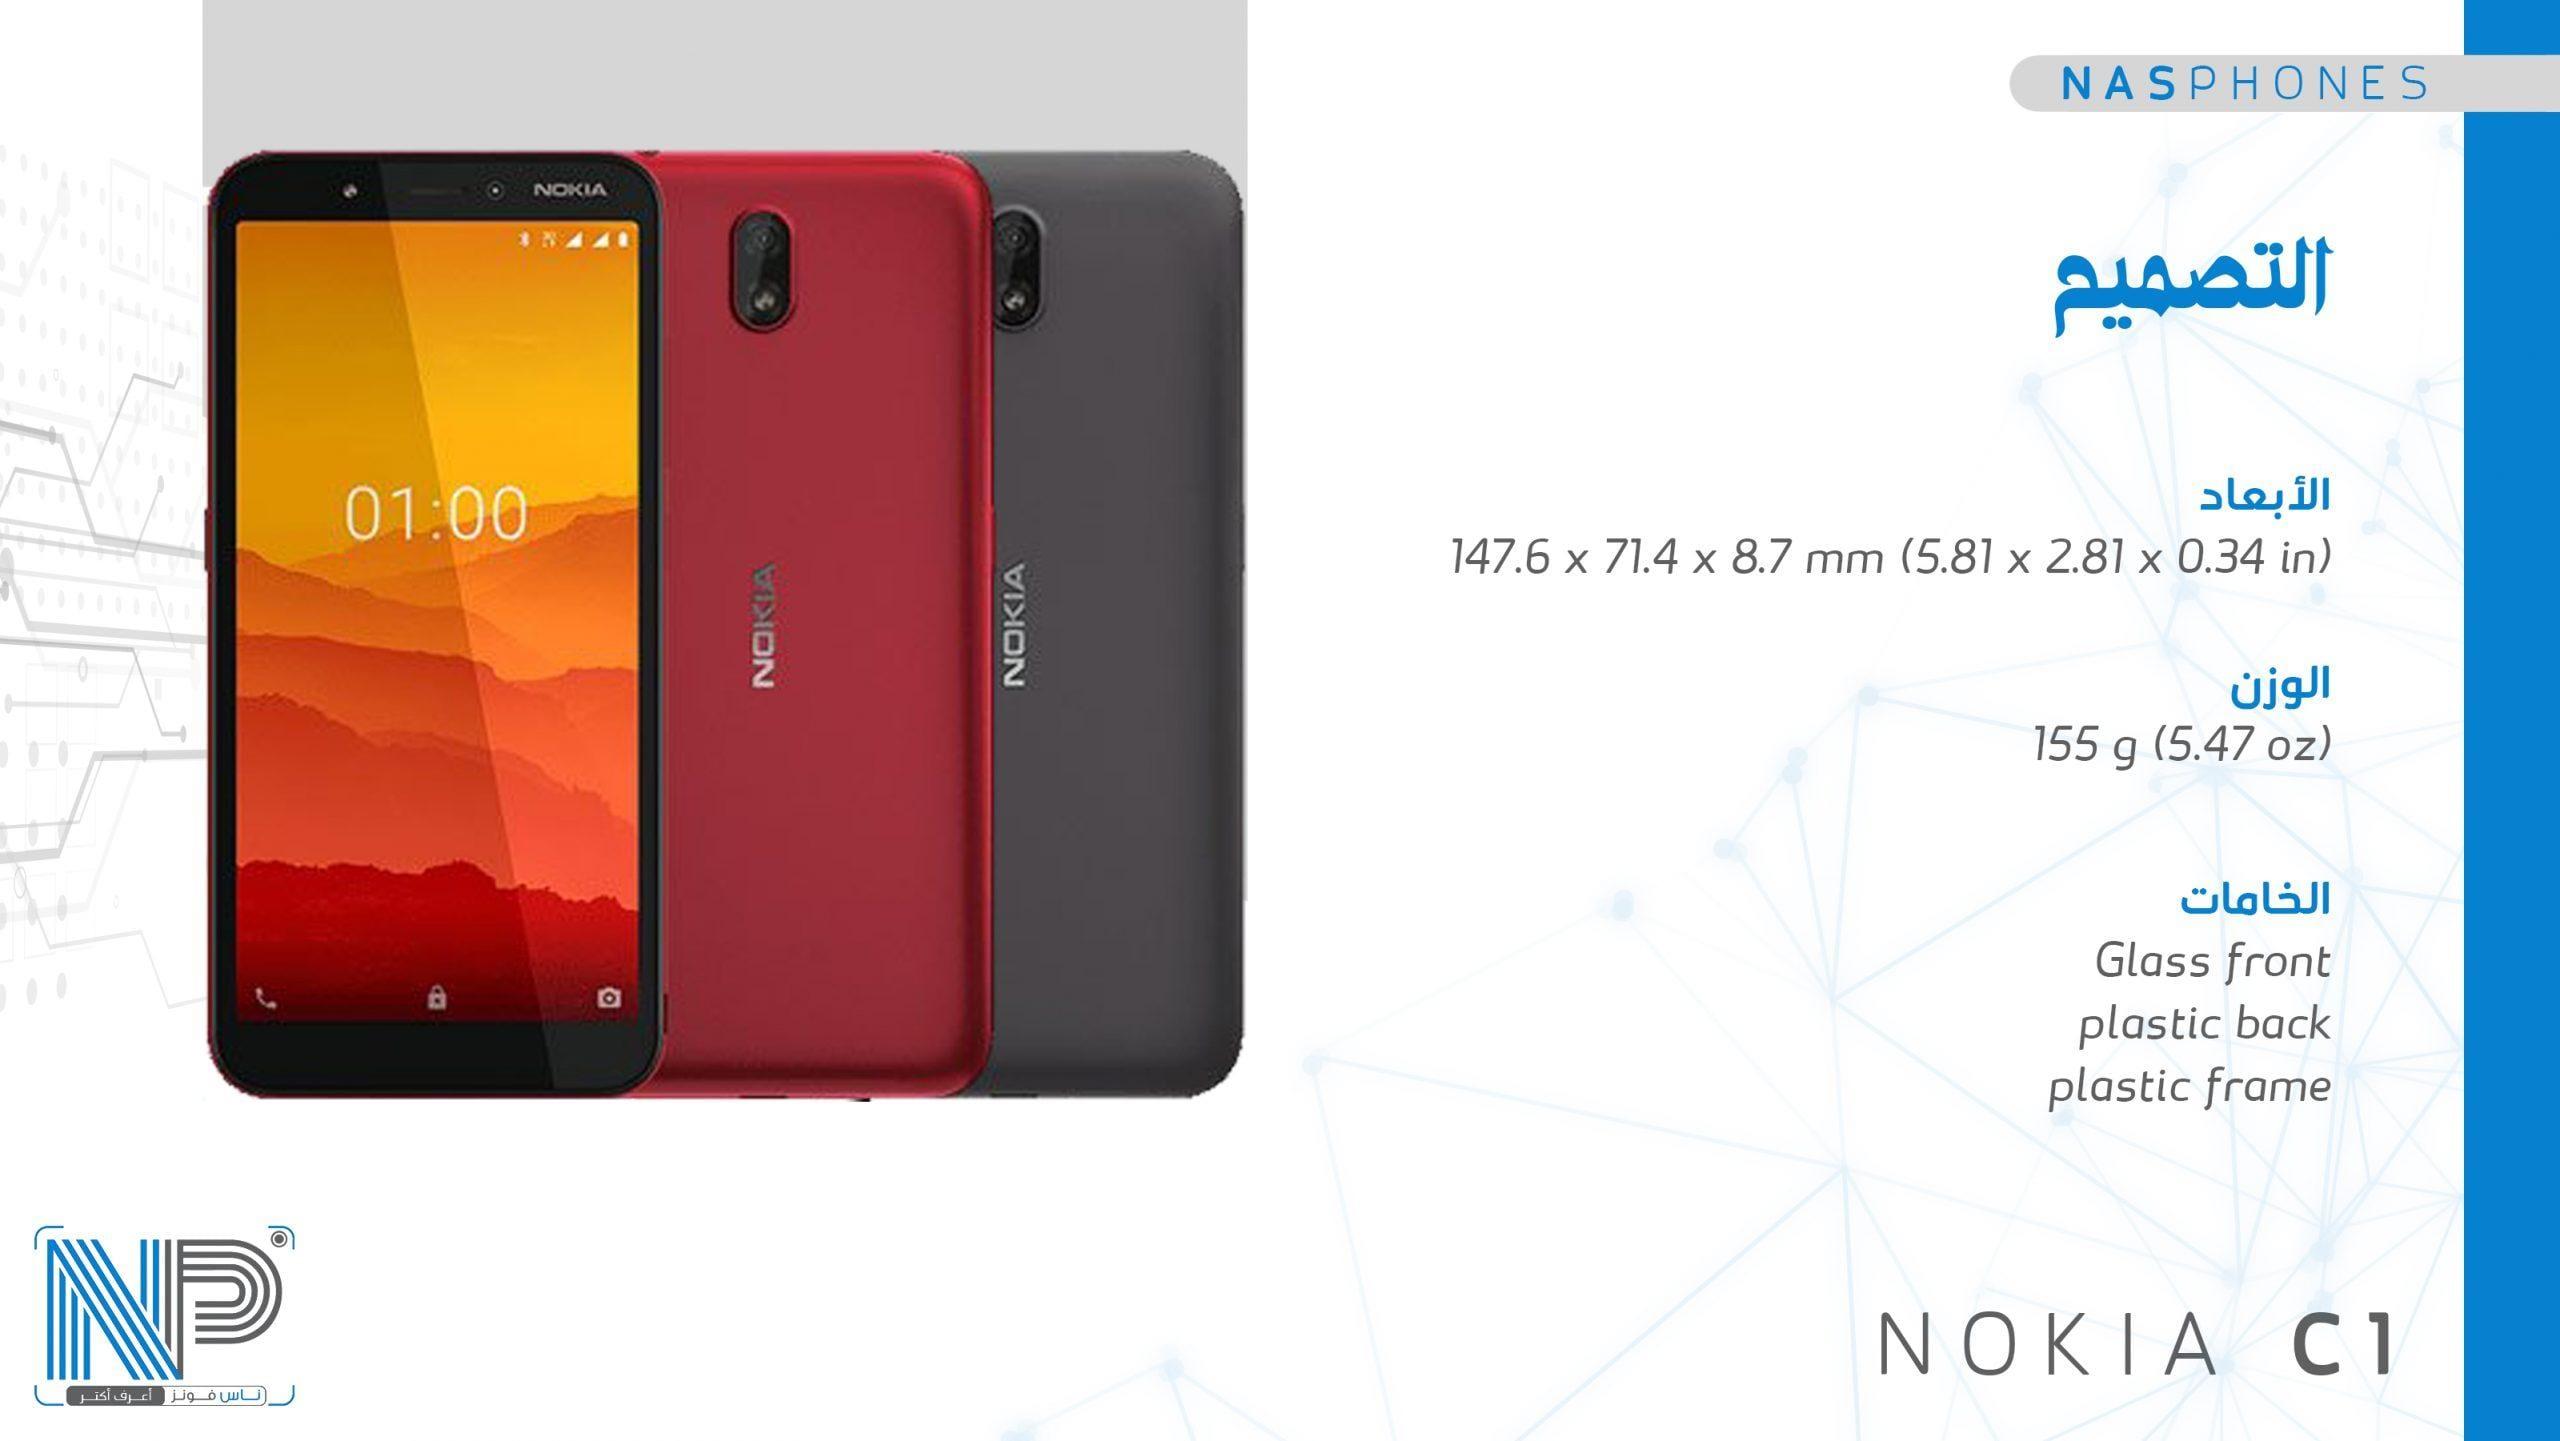 تصميم موبايل Nokia C1